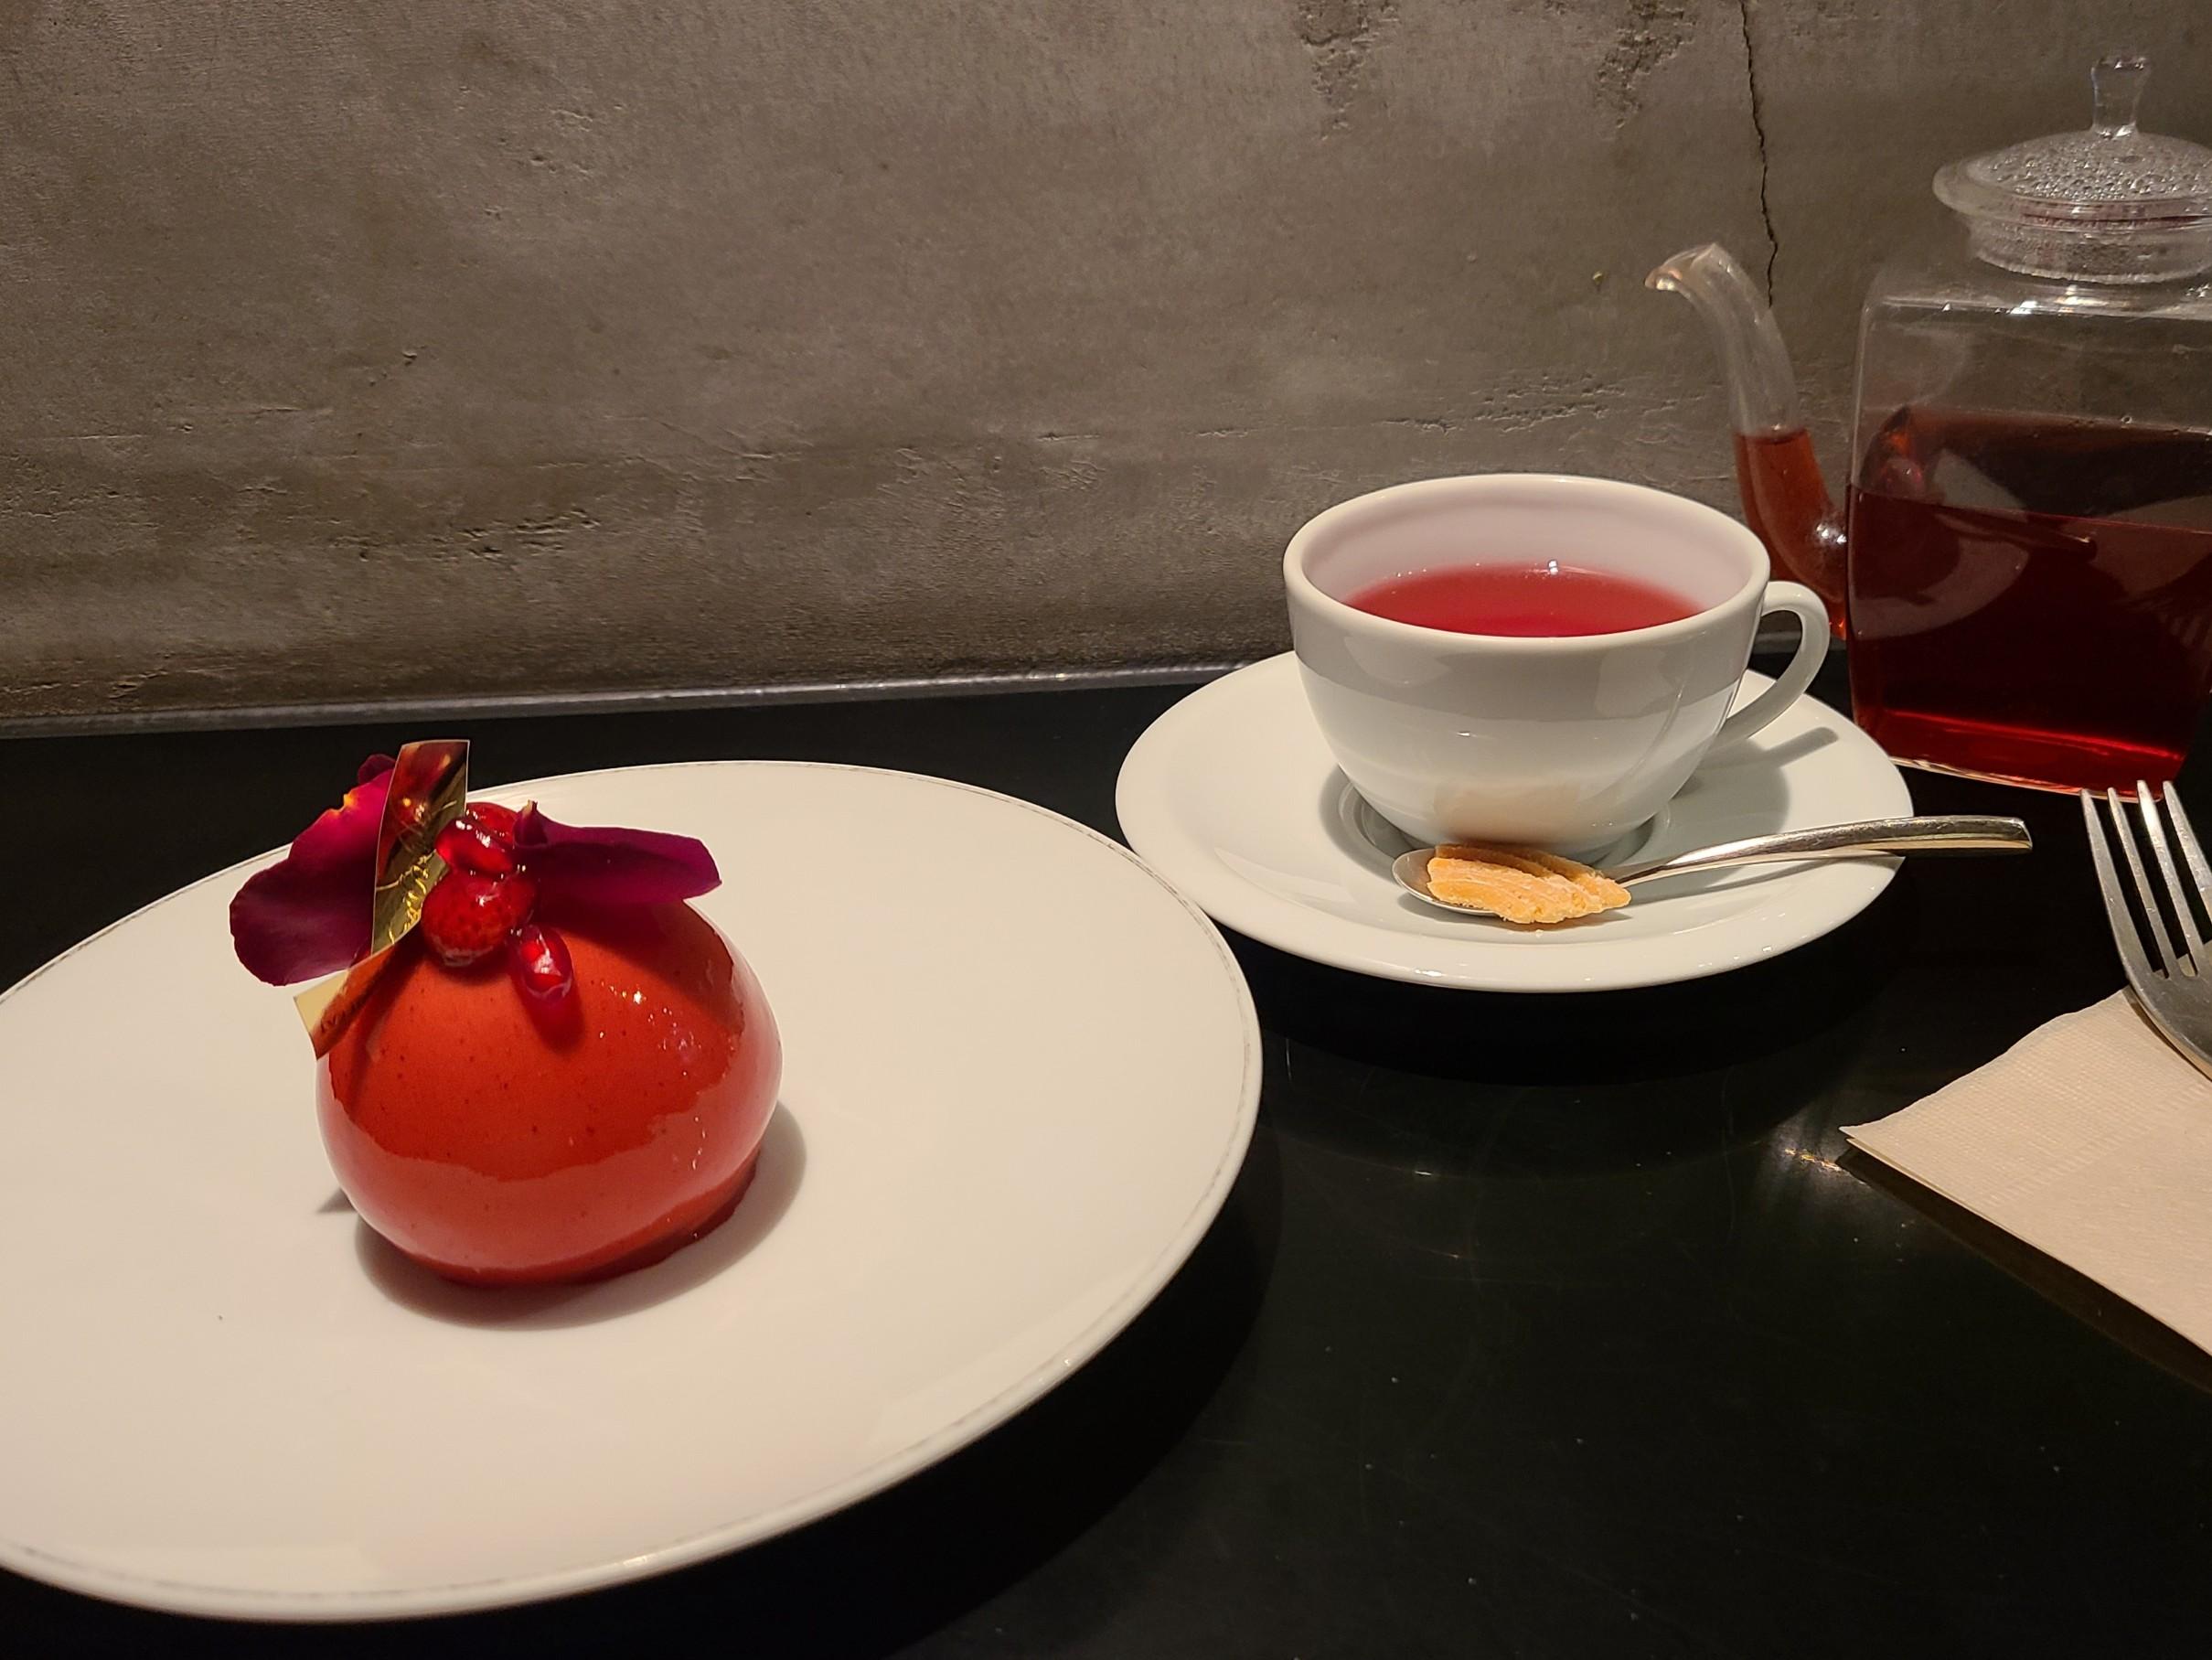 【Libertable】赤坂でみつけた!宝石?ケーキ?おいしすぎる大人なケーキ屋さん❤️_5